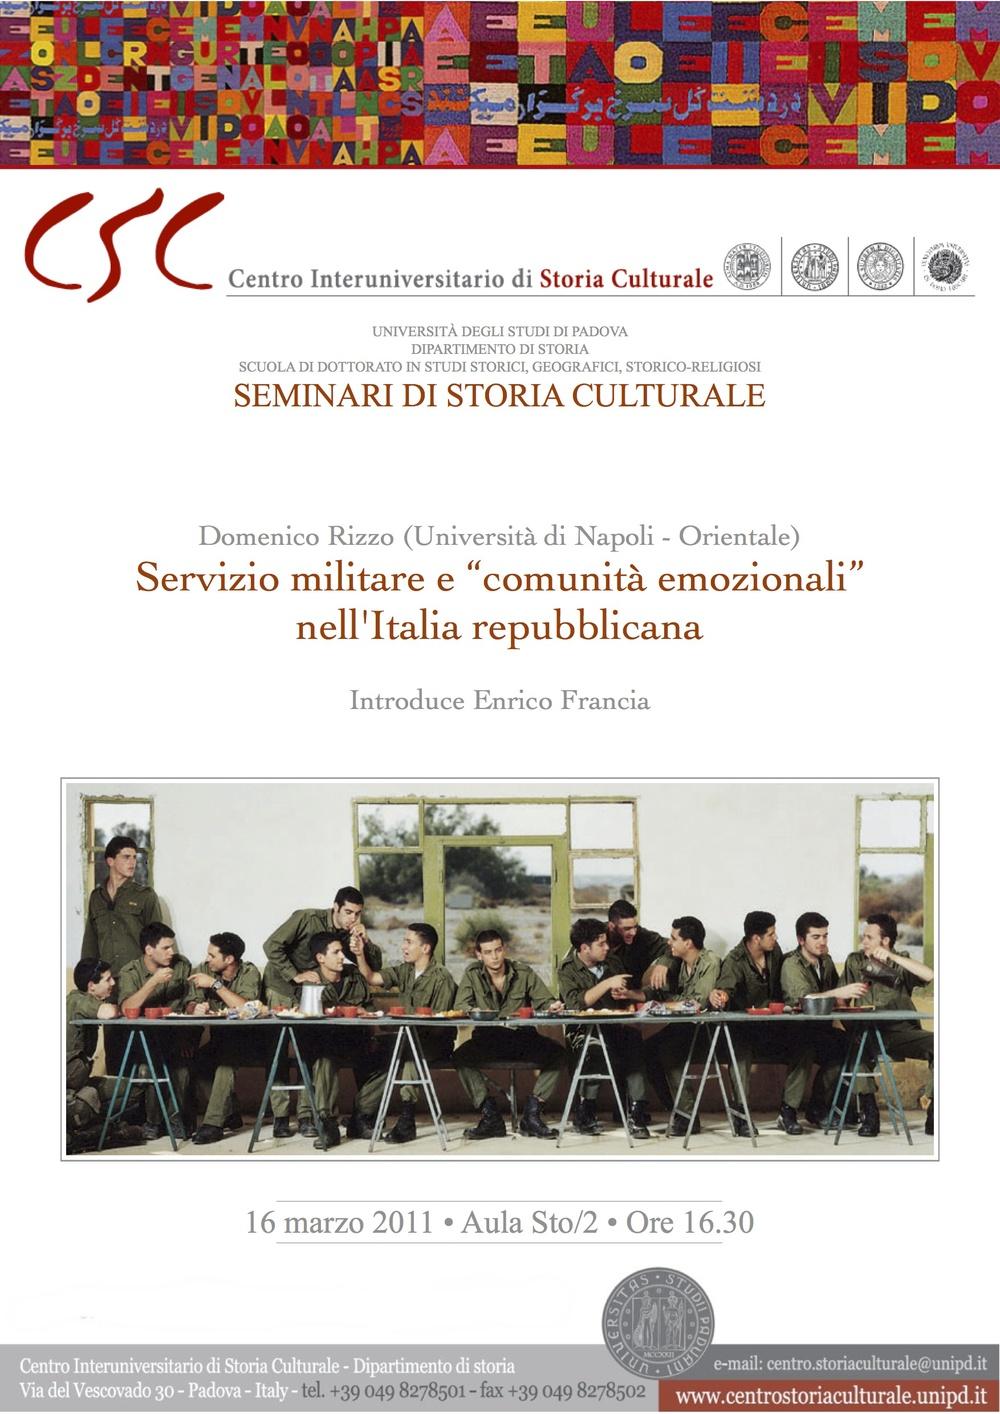 """2011-03 (PD) Servizio militare e """"comunità emozionali"""" nell'Italia repubblicana.jpg"""